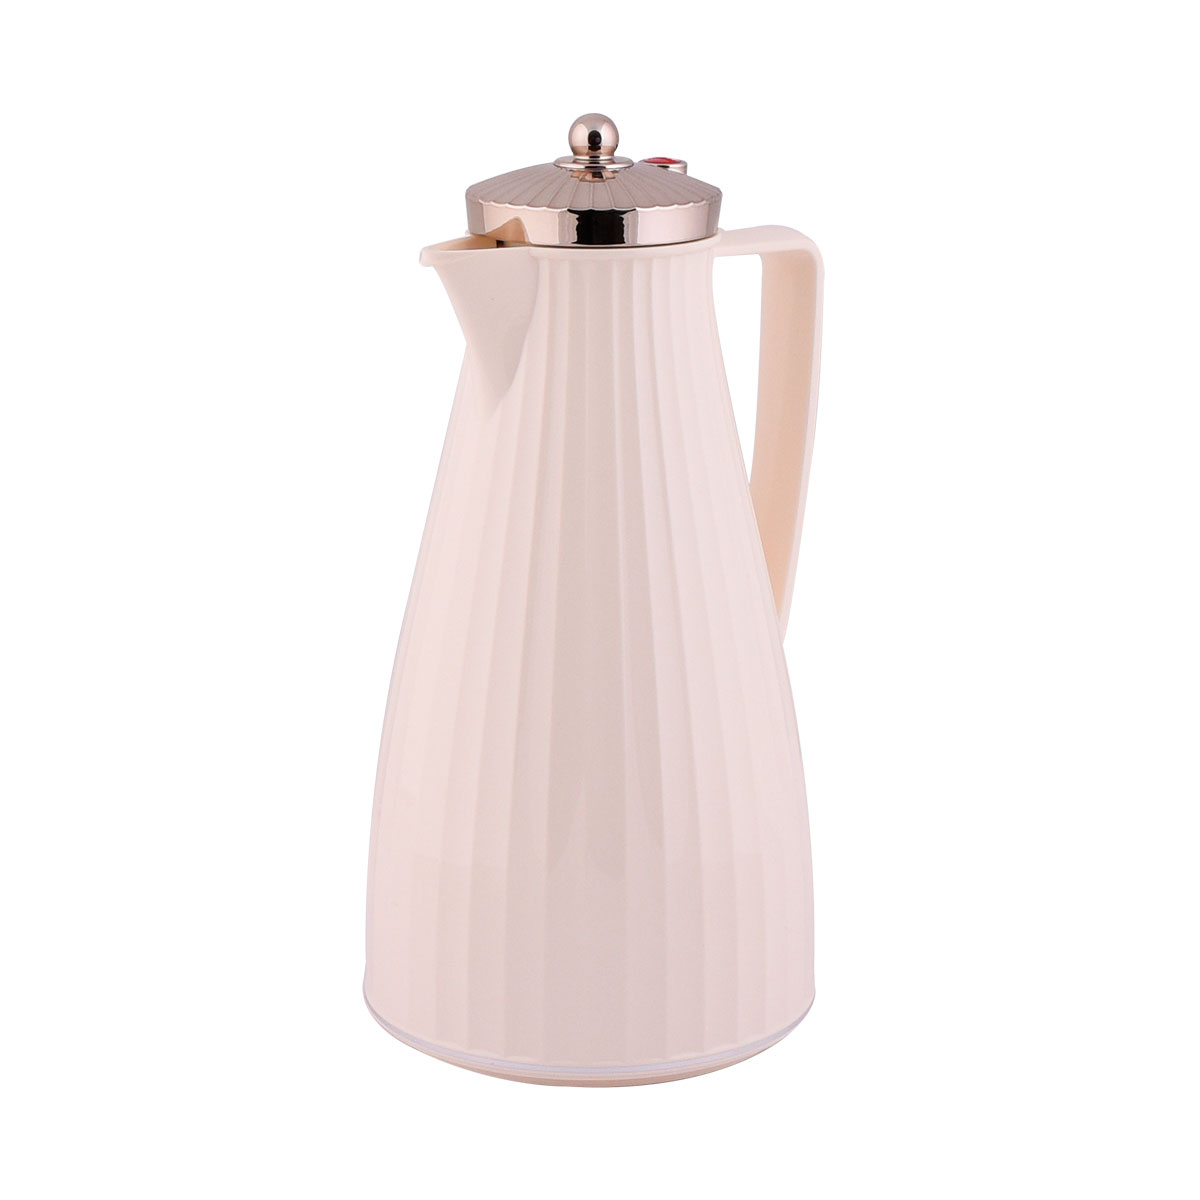 ترمس شاي وقهوة فلورا السيف  - 1.2 لتر  لون بيج بغطاء فضي - IWN